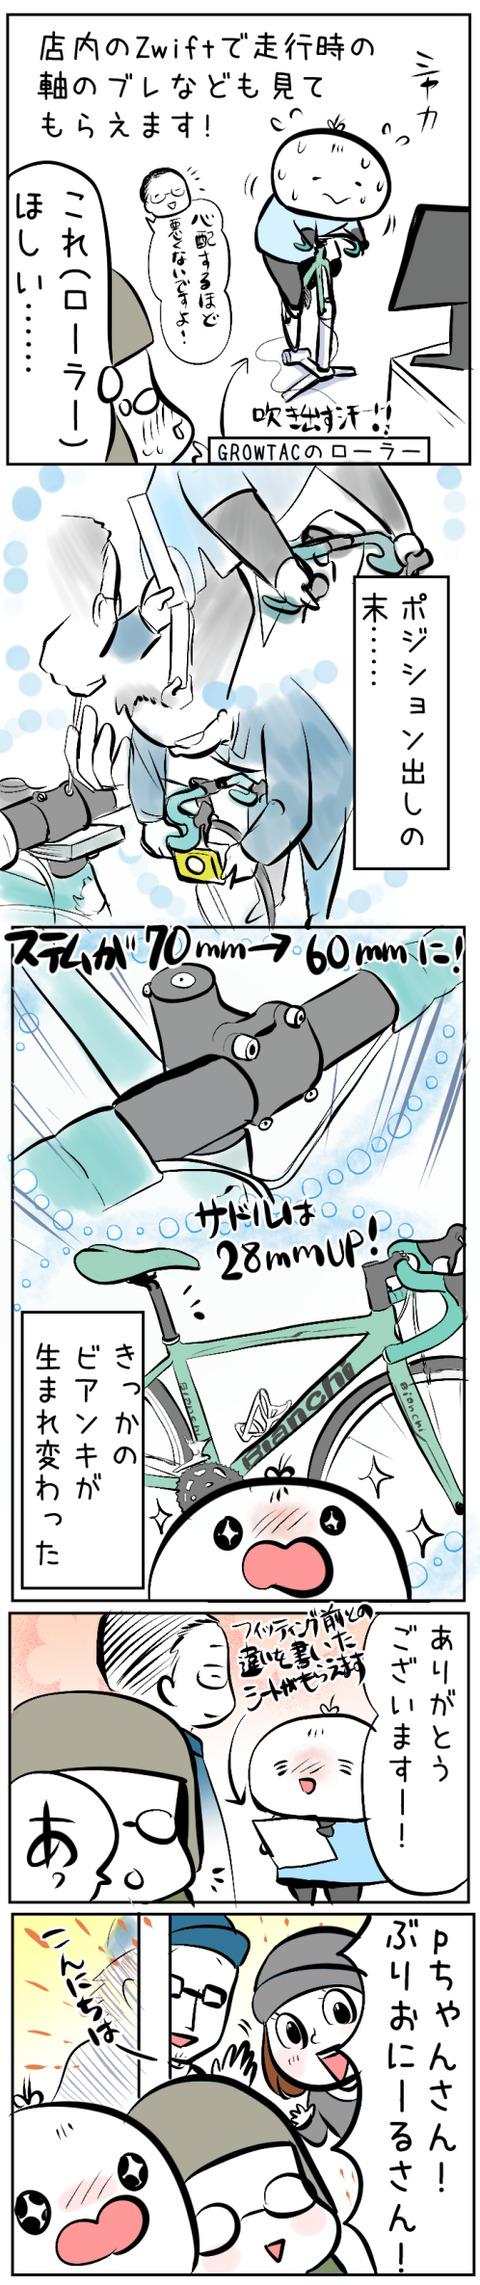 bikeshop_spirit03